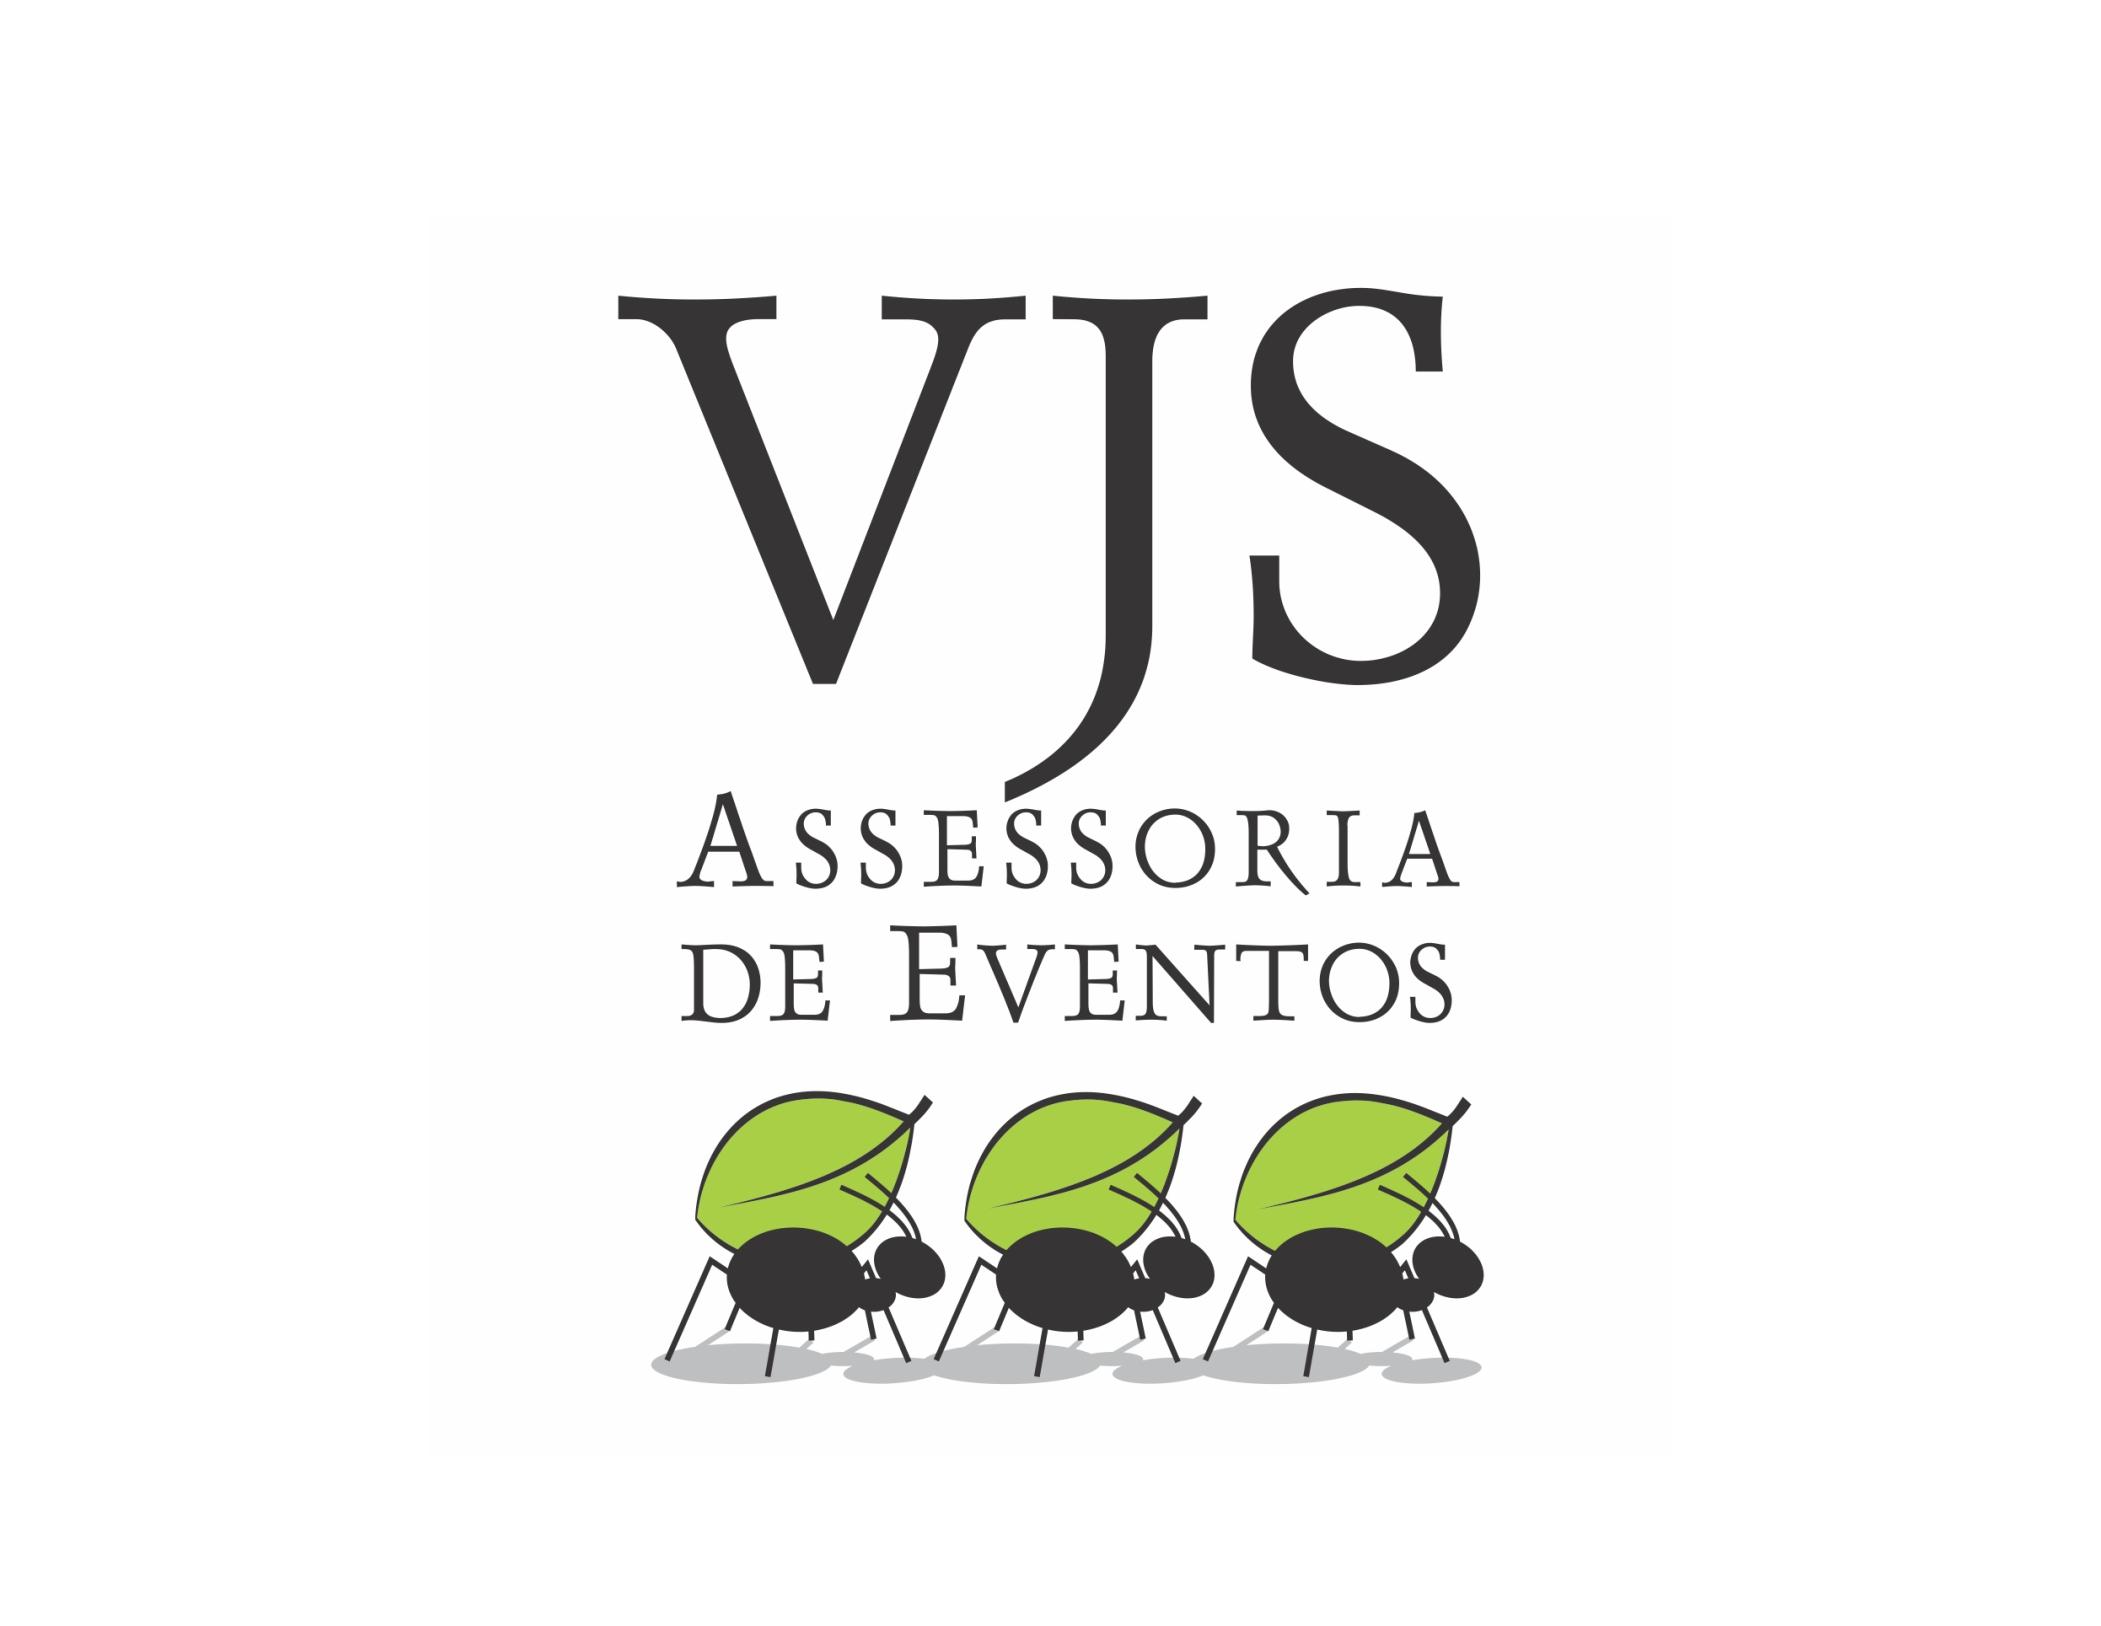 VJS Assessoria de Eventos